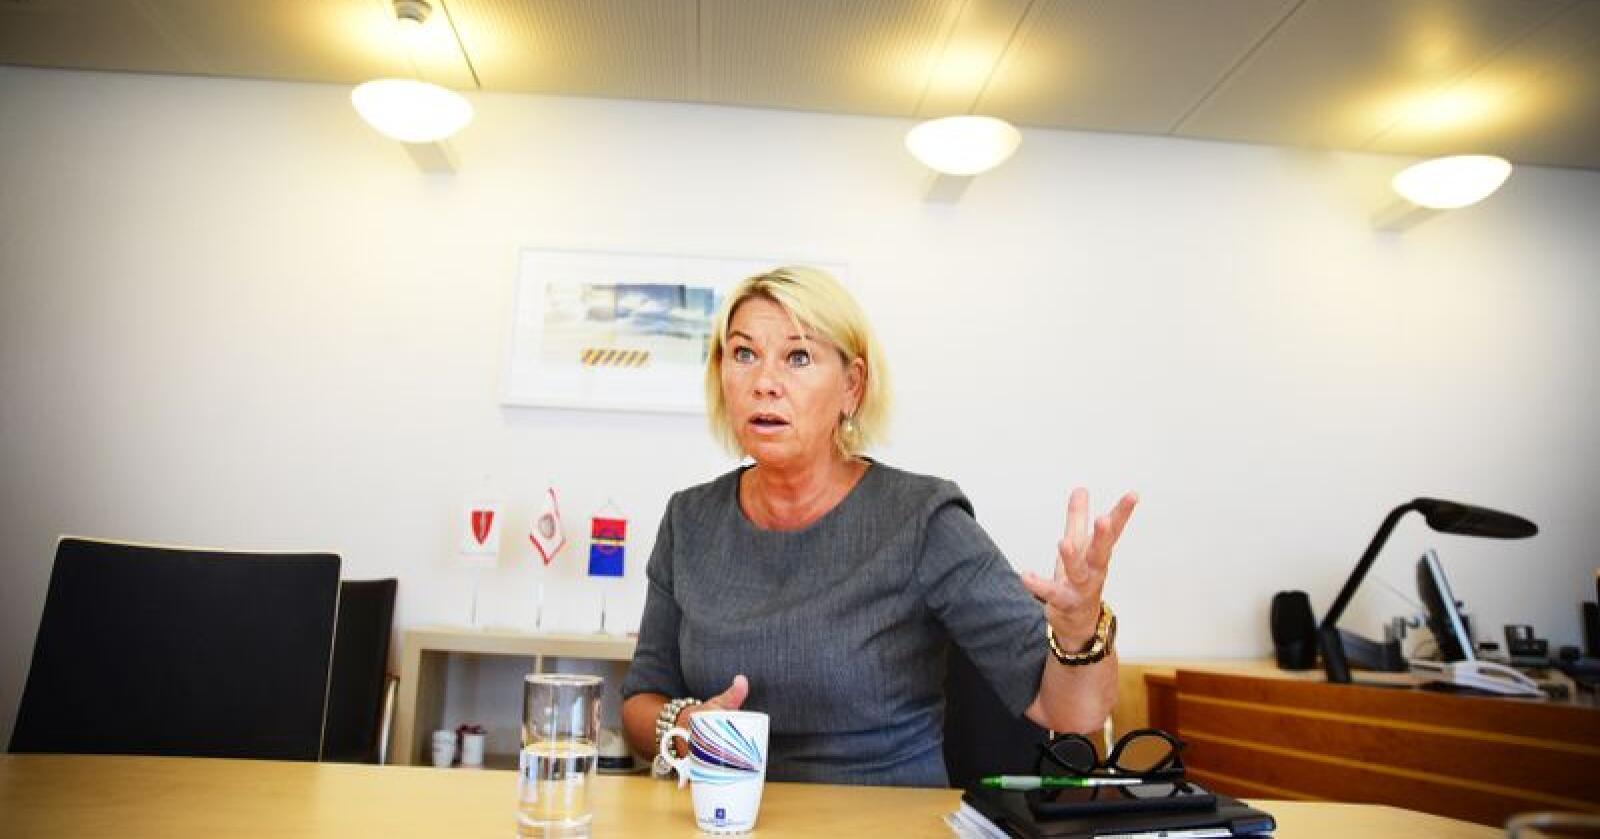 Monica Mæland (H) ble kommunal- og moderniseringsminister i januar 2018. Siden har sammenslåingen mellom Troms og Finnmark preget jobben. Foto: Siri Juell Rasmussen